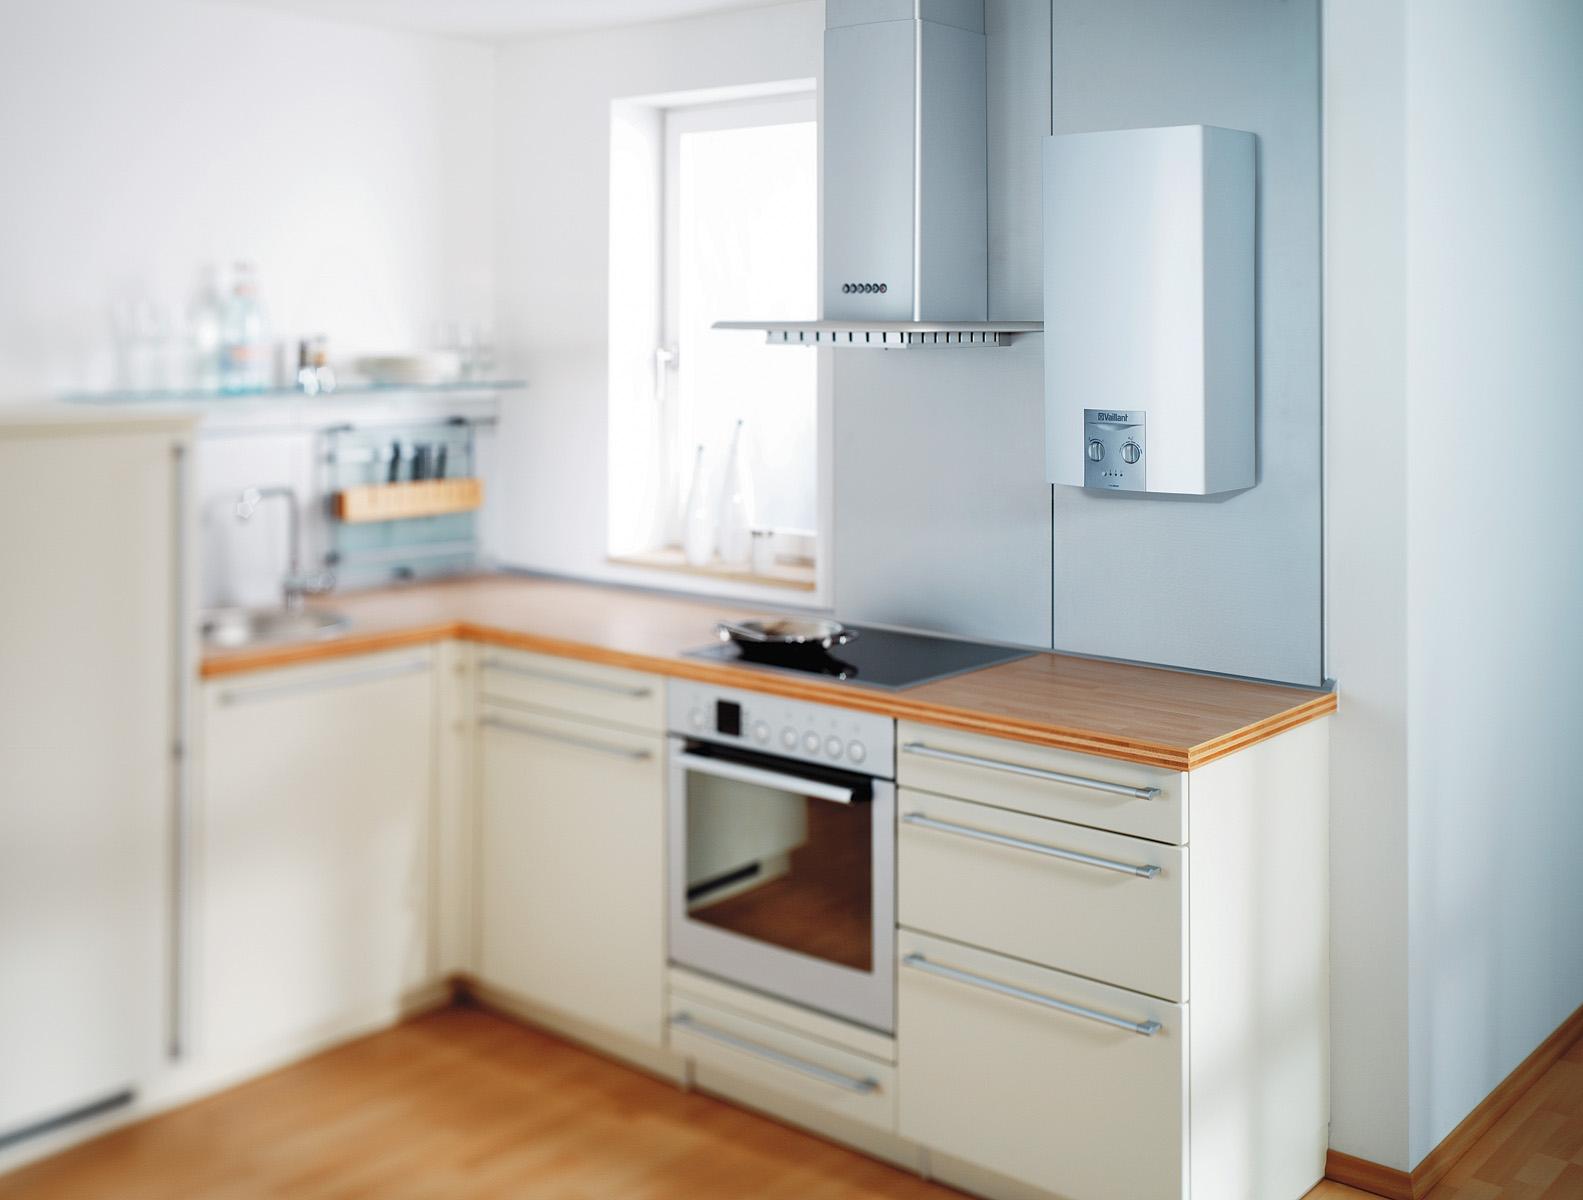 les meilleurs chauffe eaux gaz comparatif en juill 2018. Black Bedroom Furniture Sets. Home Design Ideas